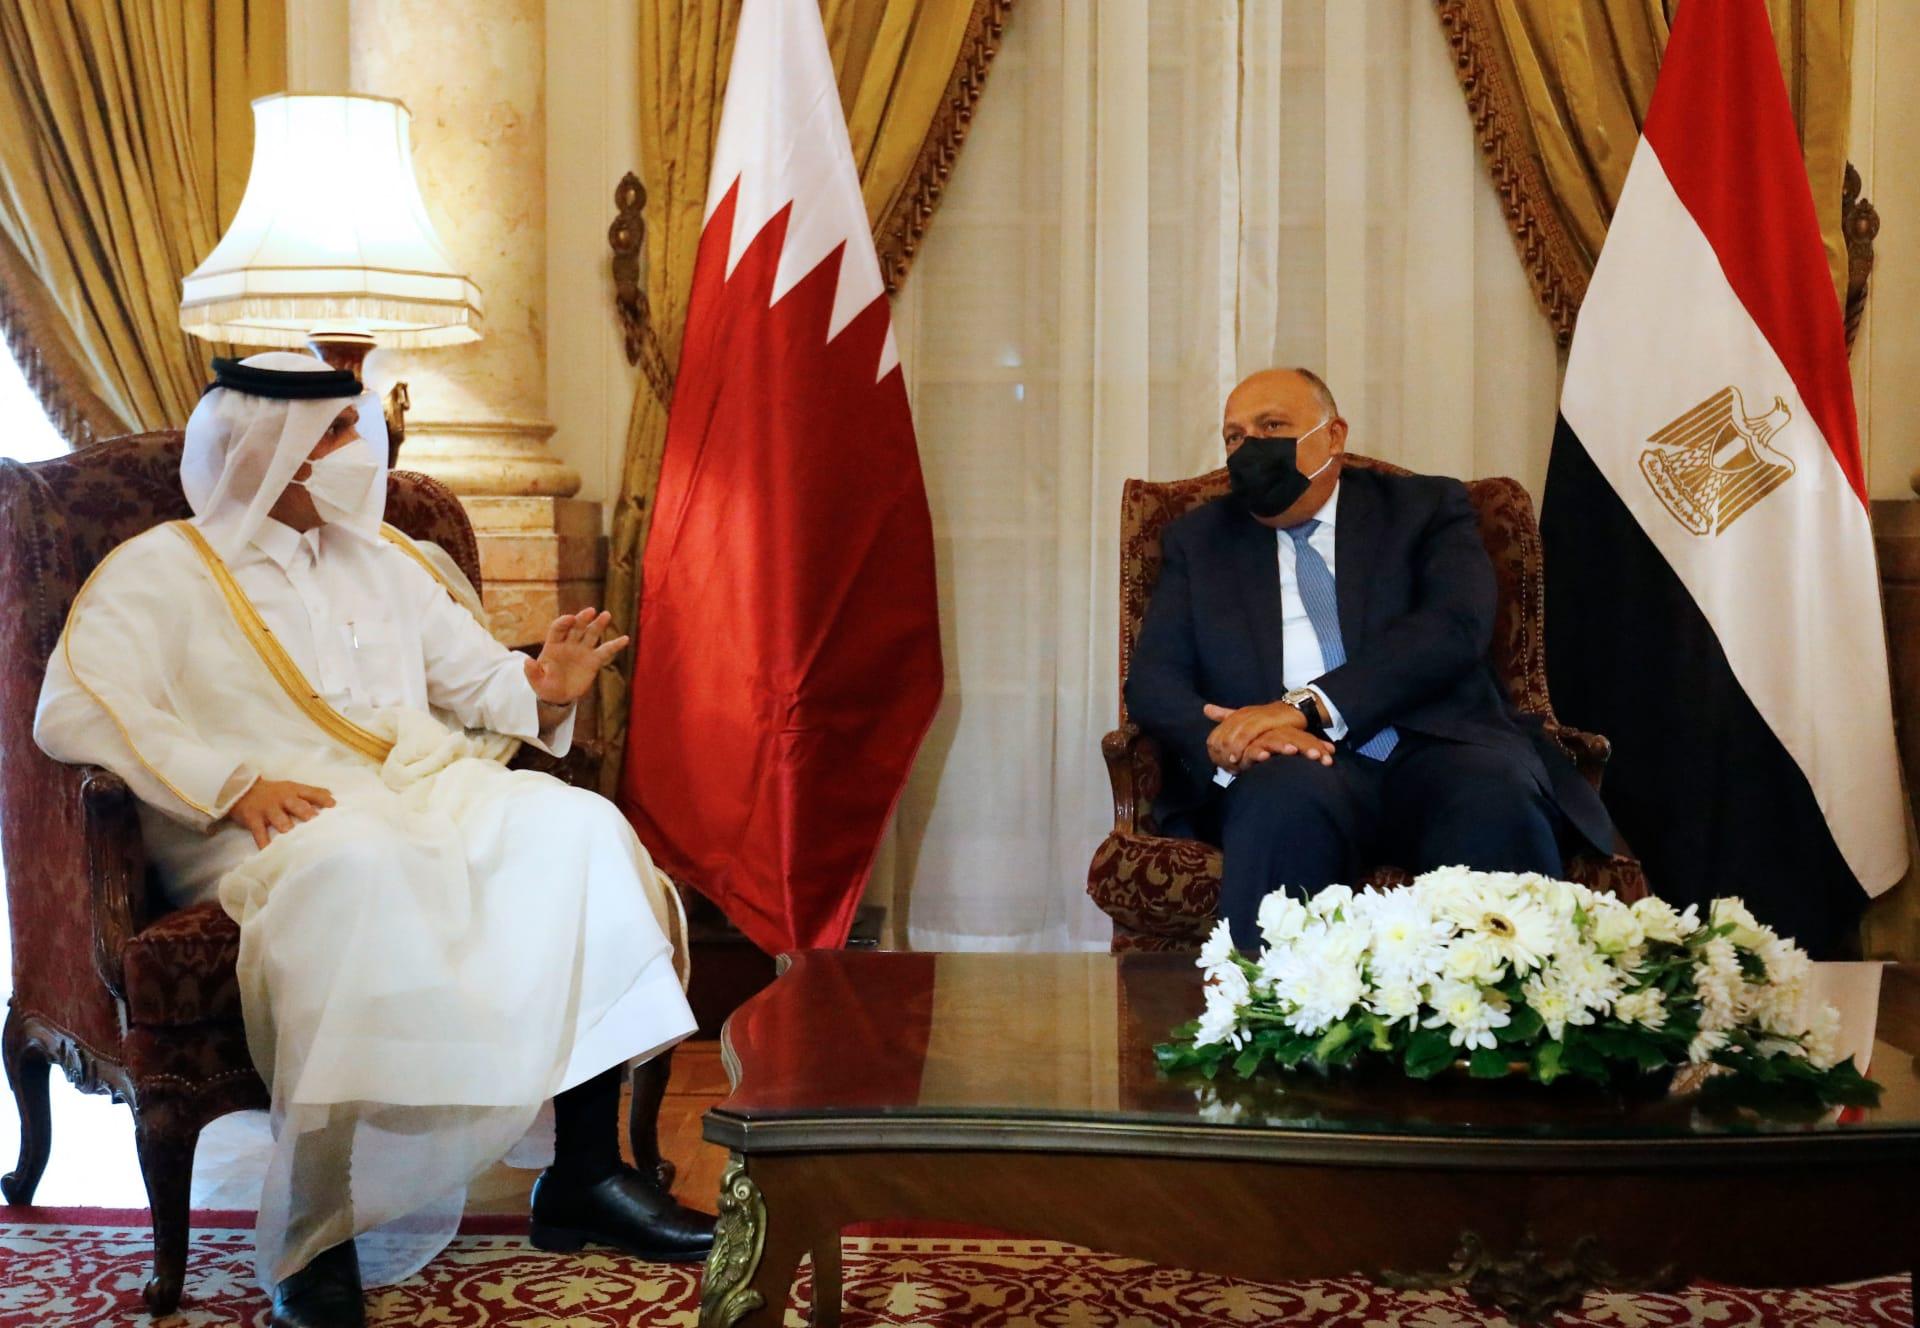 """السيسي يصدر قرارًا بتعيين """"سفير فوق العادة"""" لدى قطر للمرة الأولى منذ 7 سنوات"""